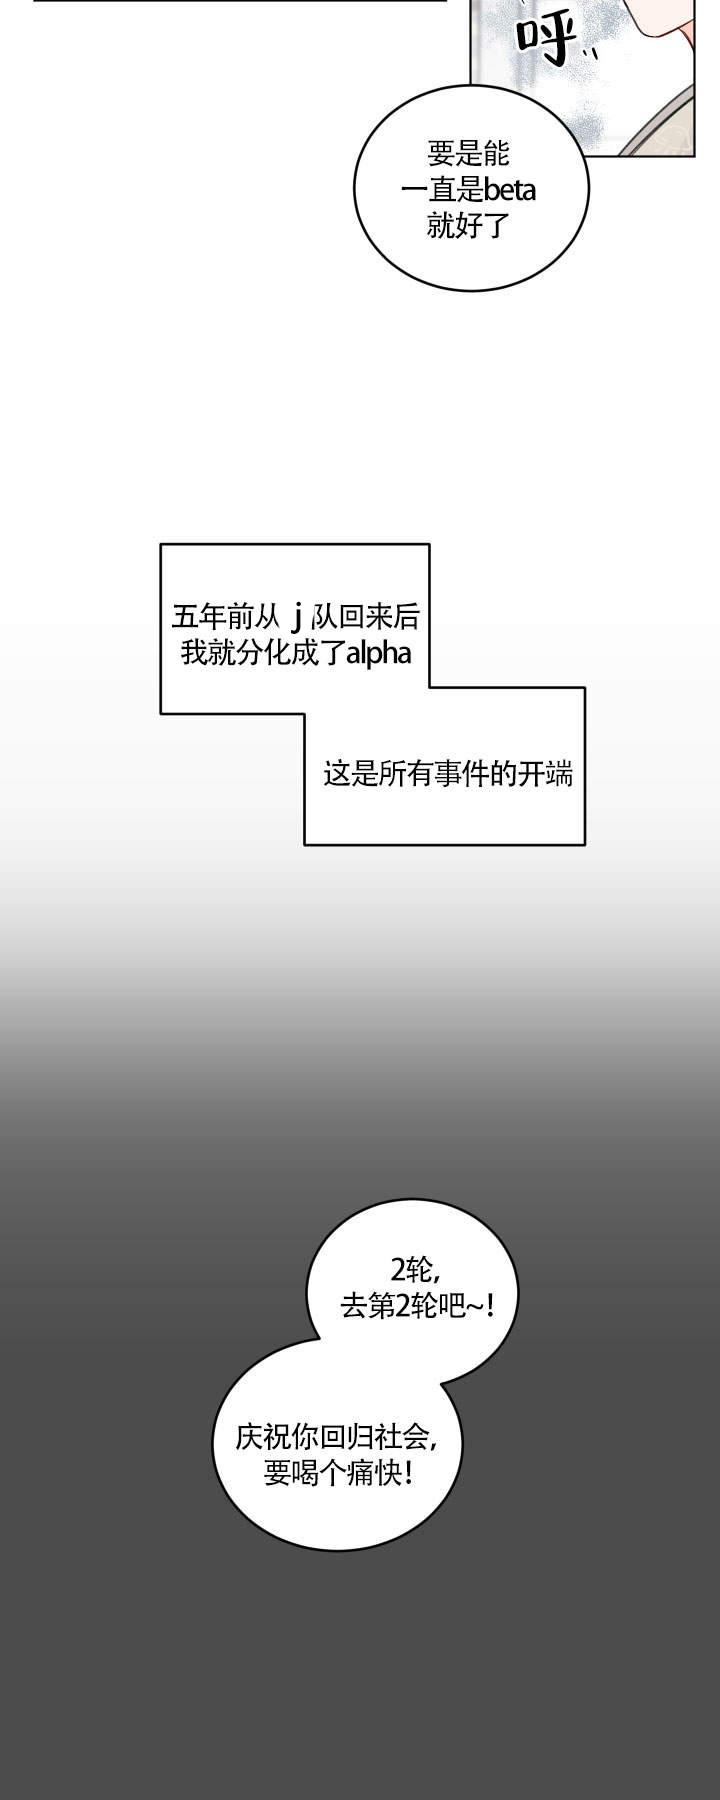 信息素警报-漫画下拉式免费阅读_完整版连载首发-啵乐漫画